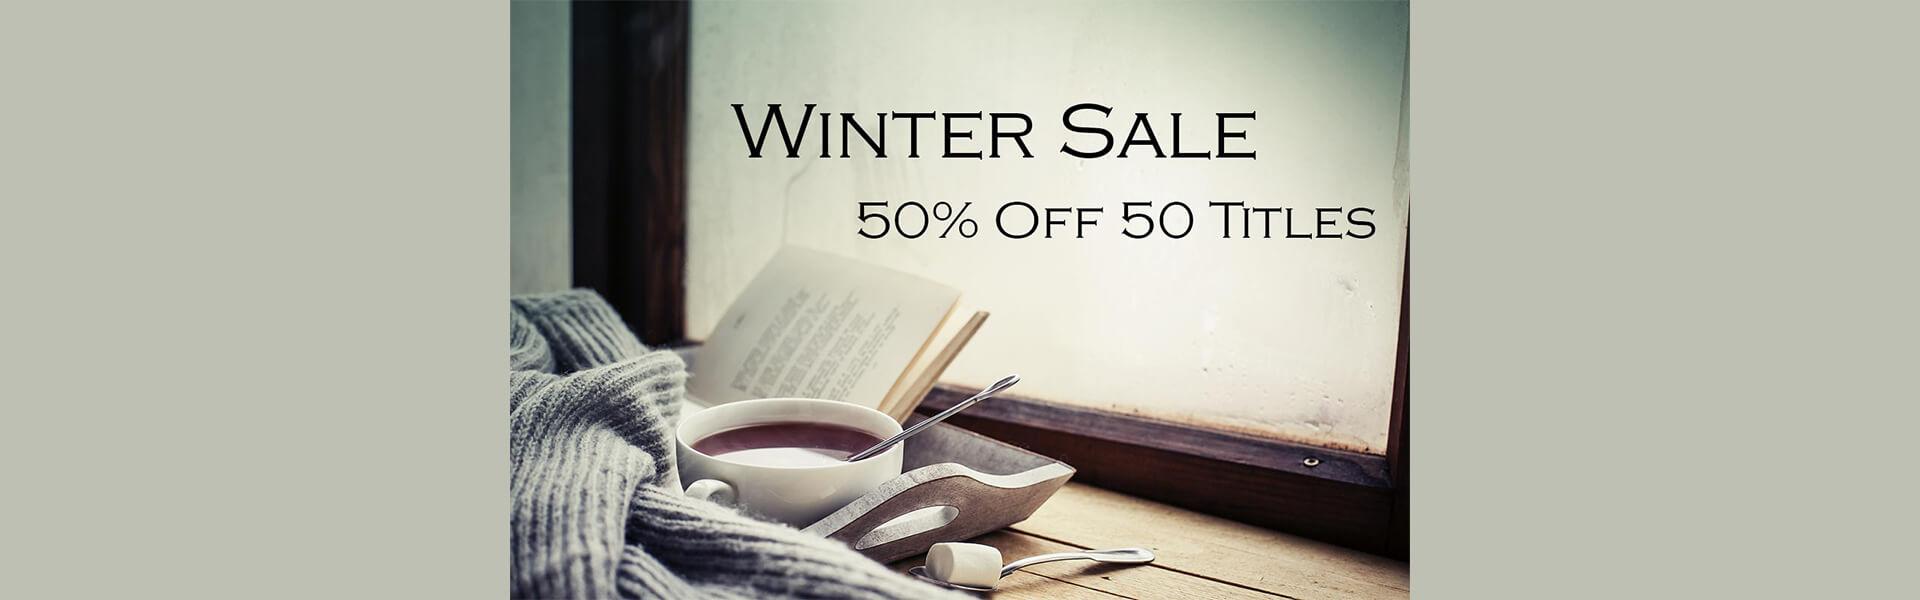 Winter-Sale-Slider